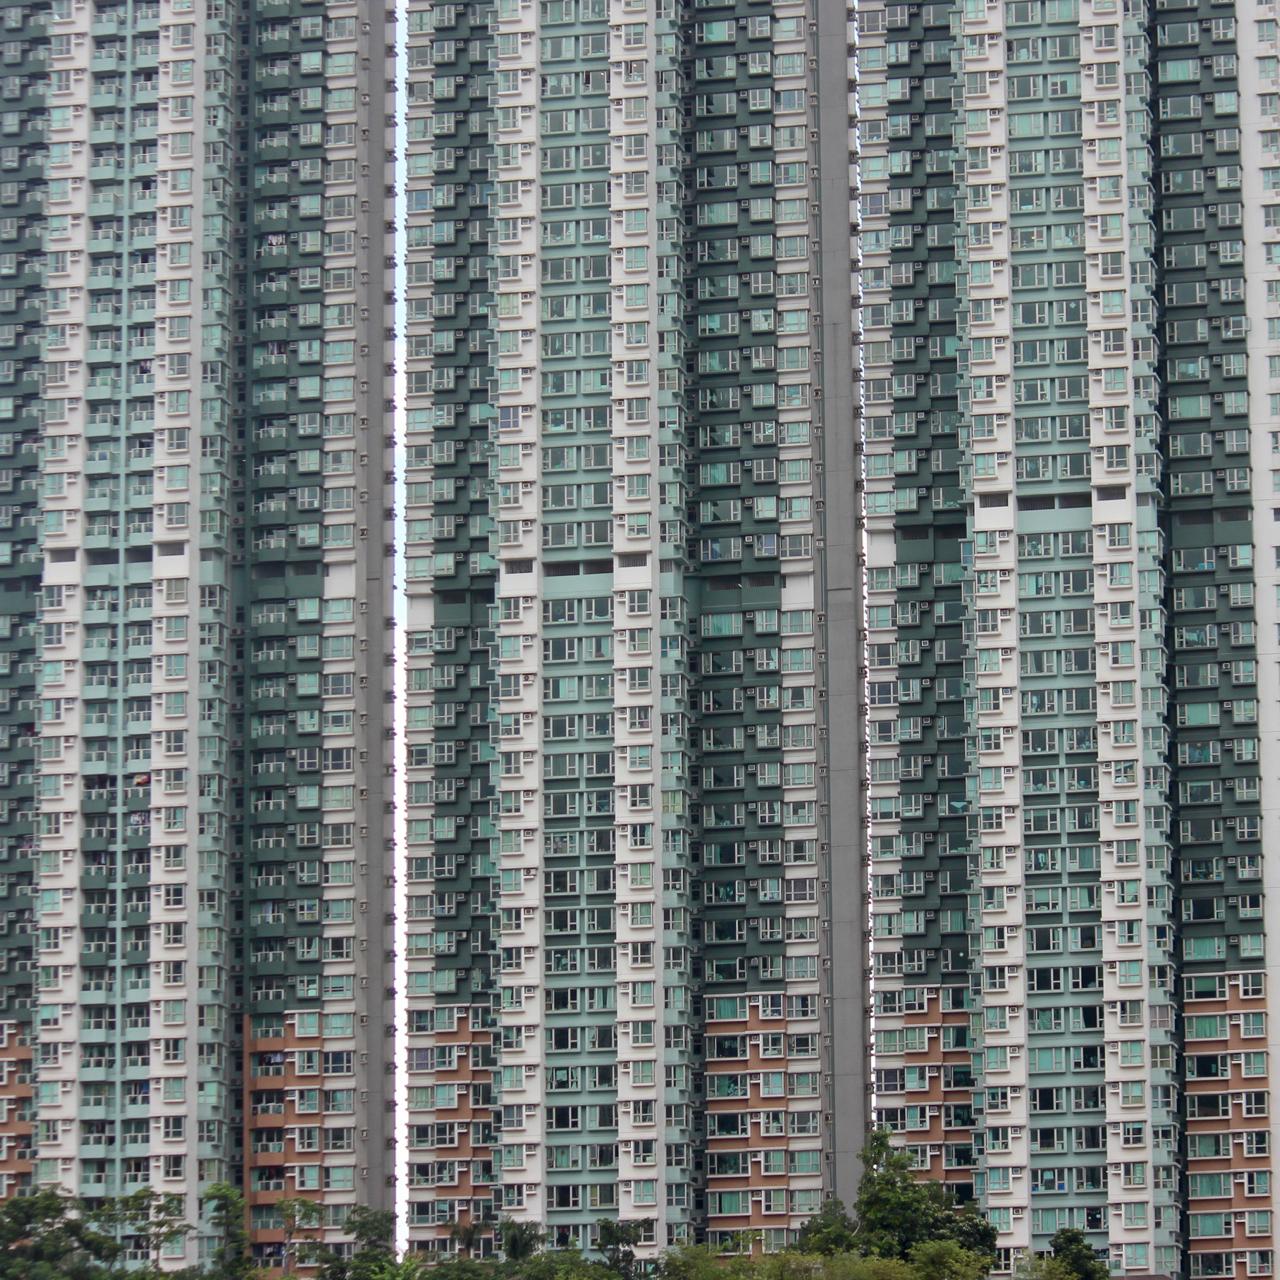 Aberdeen, Hong Kong - 9